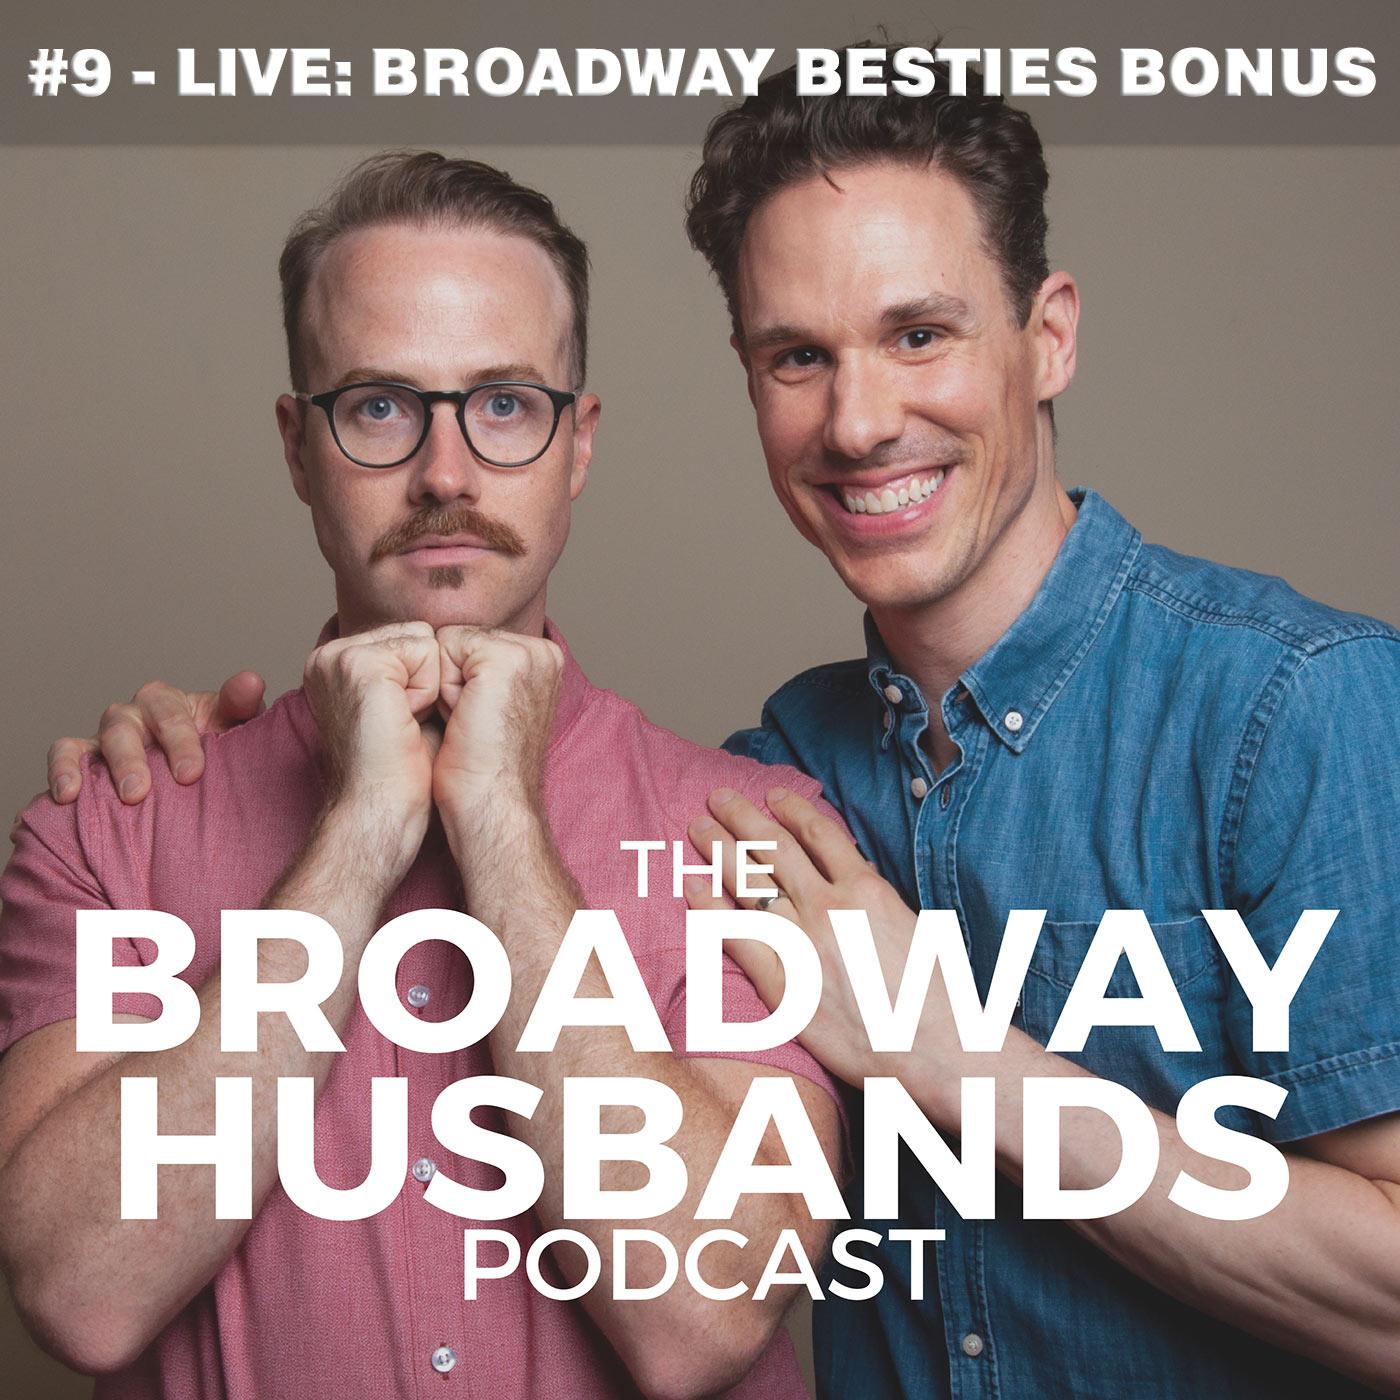 Broadway Husbands Episode 9 Live Broadway Besties Bonus